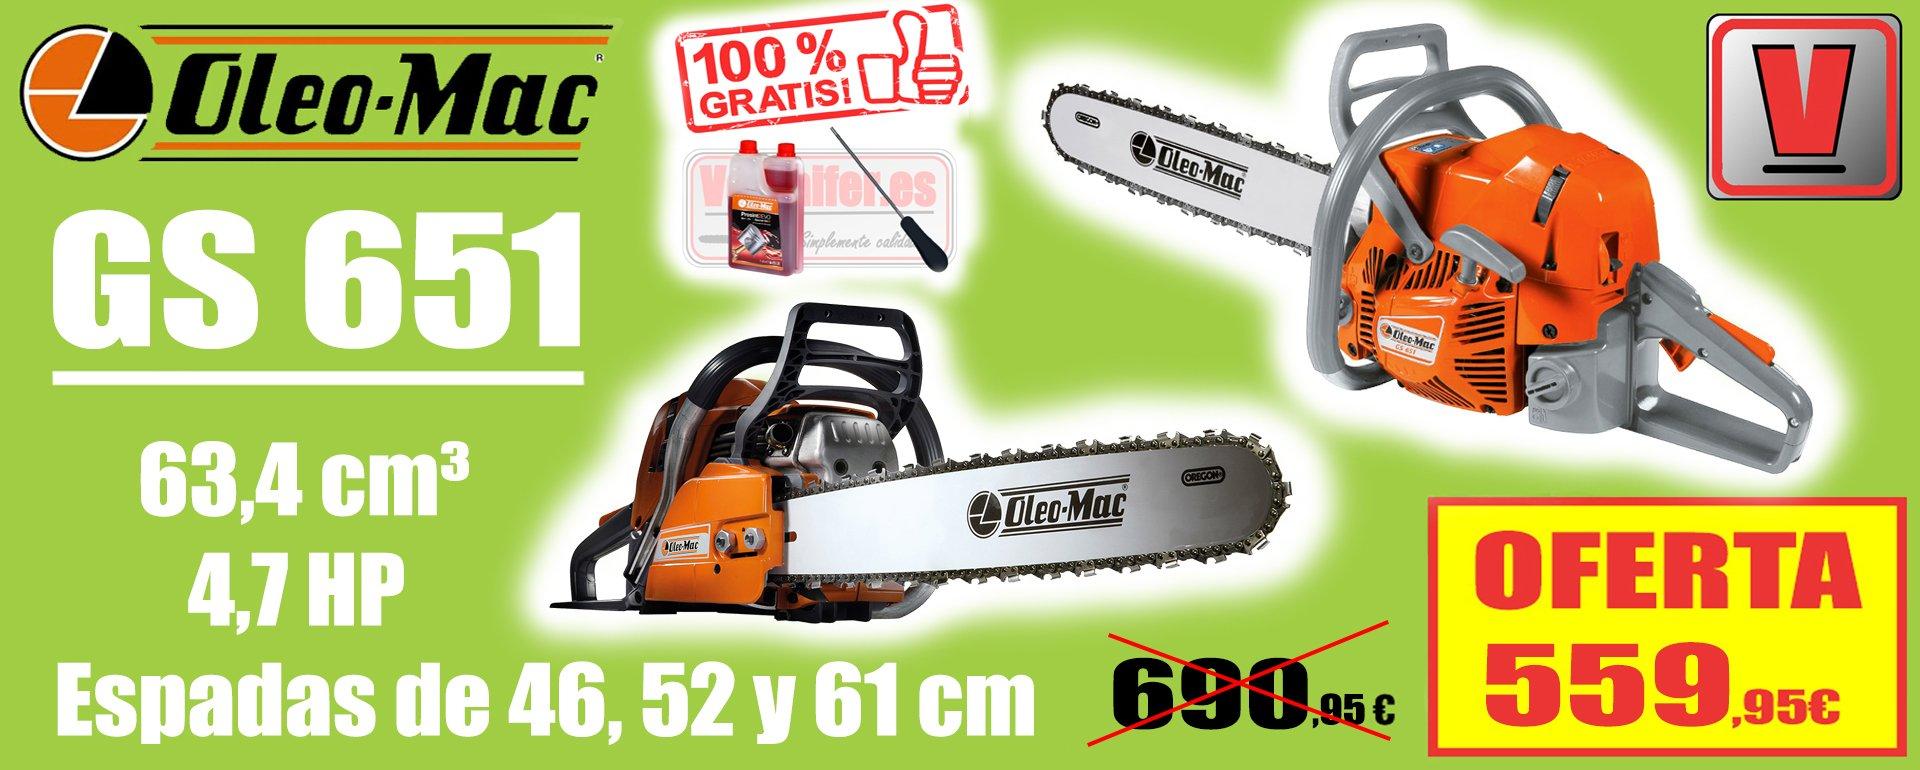 Oleo Mac GS 651